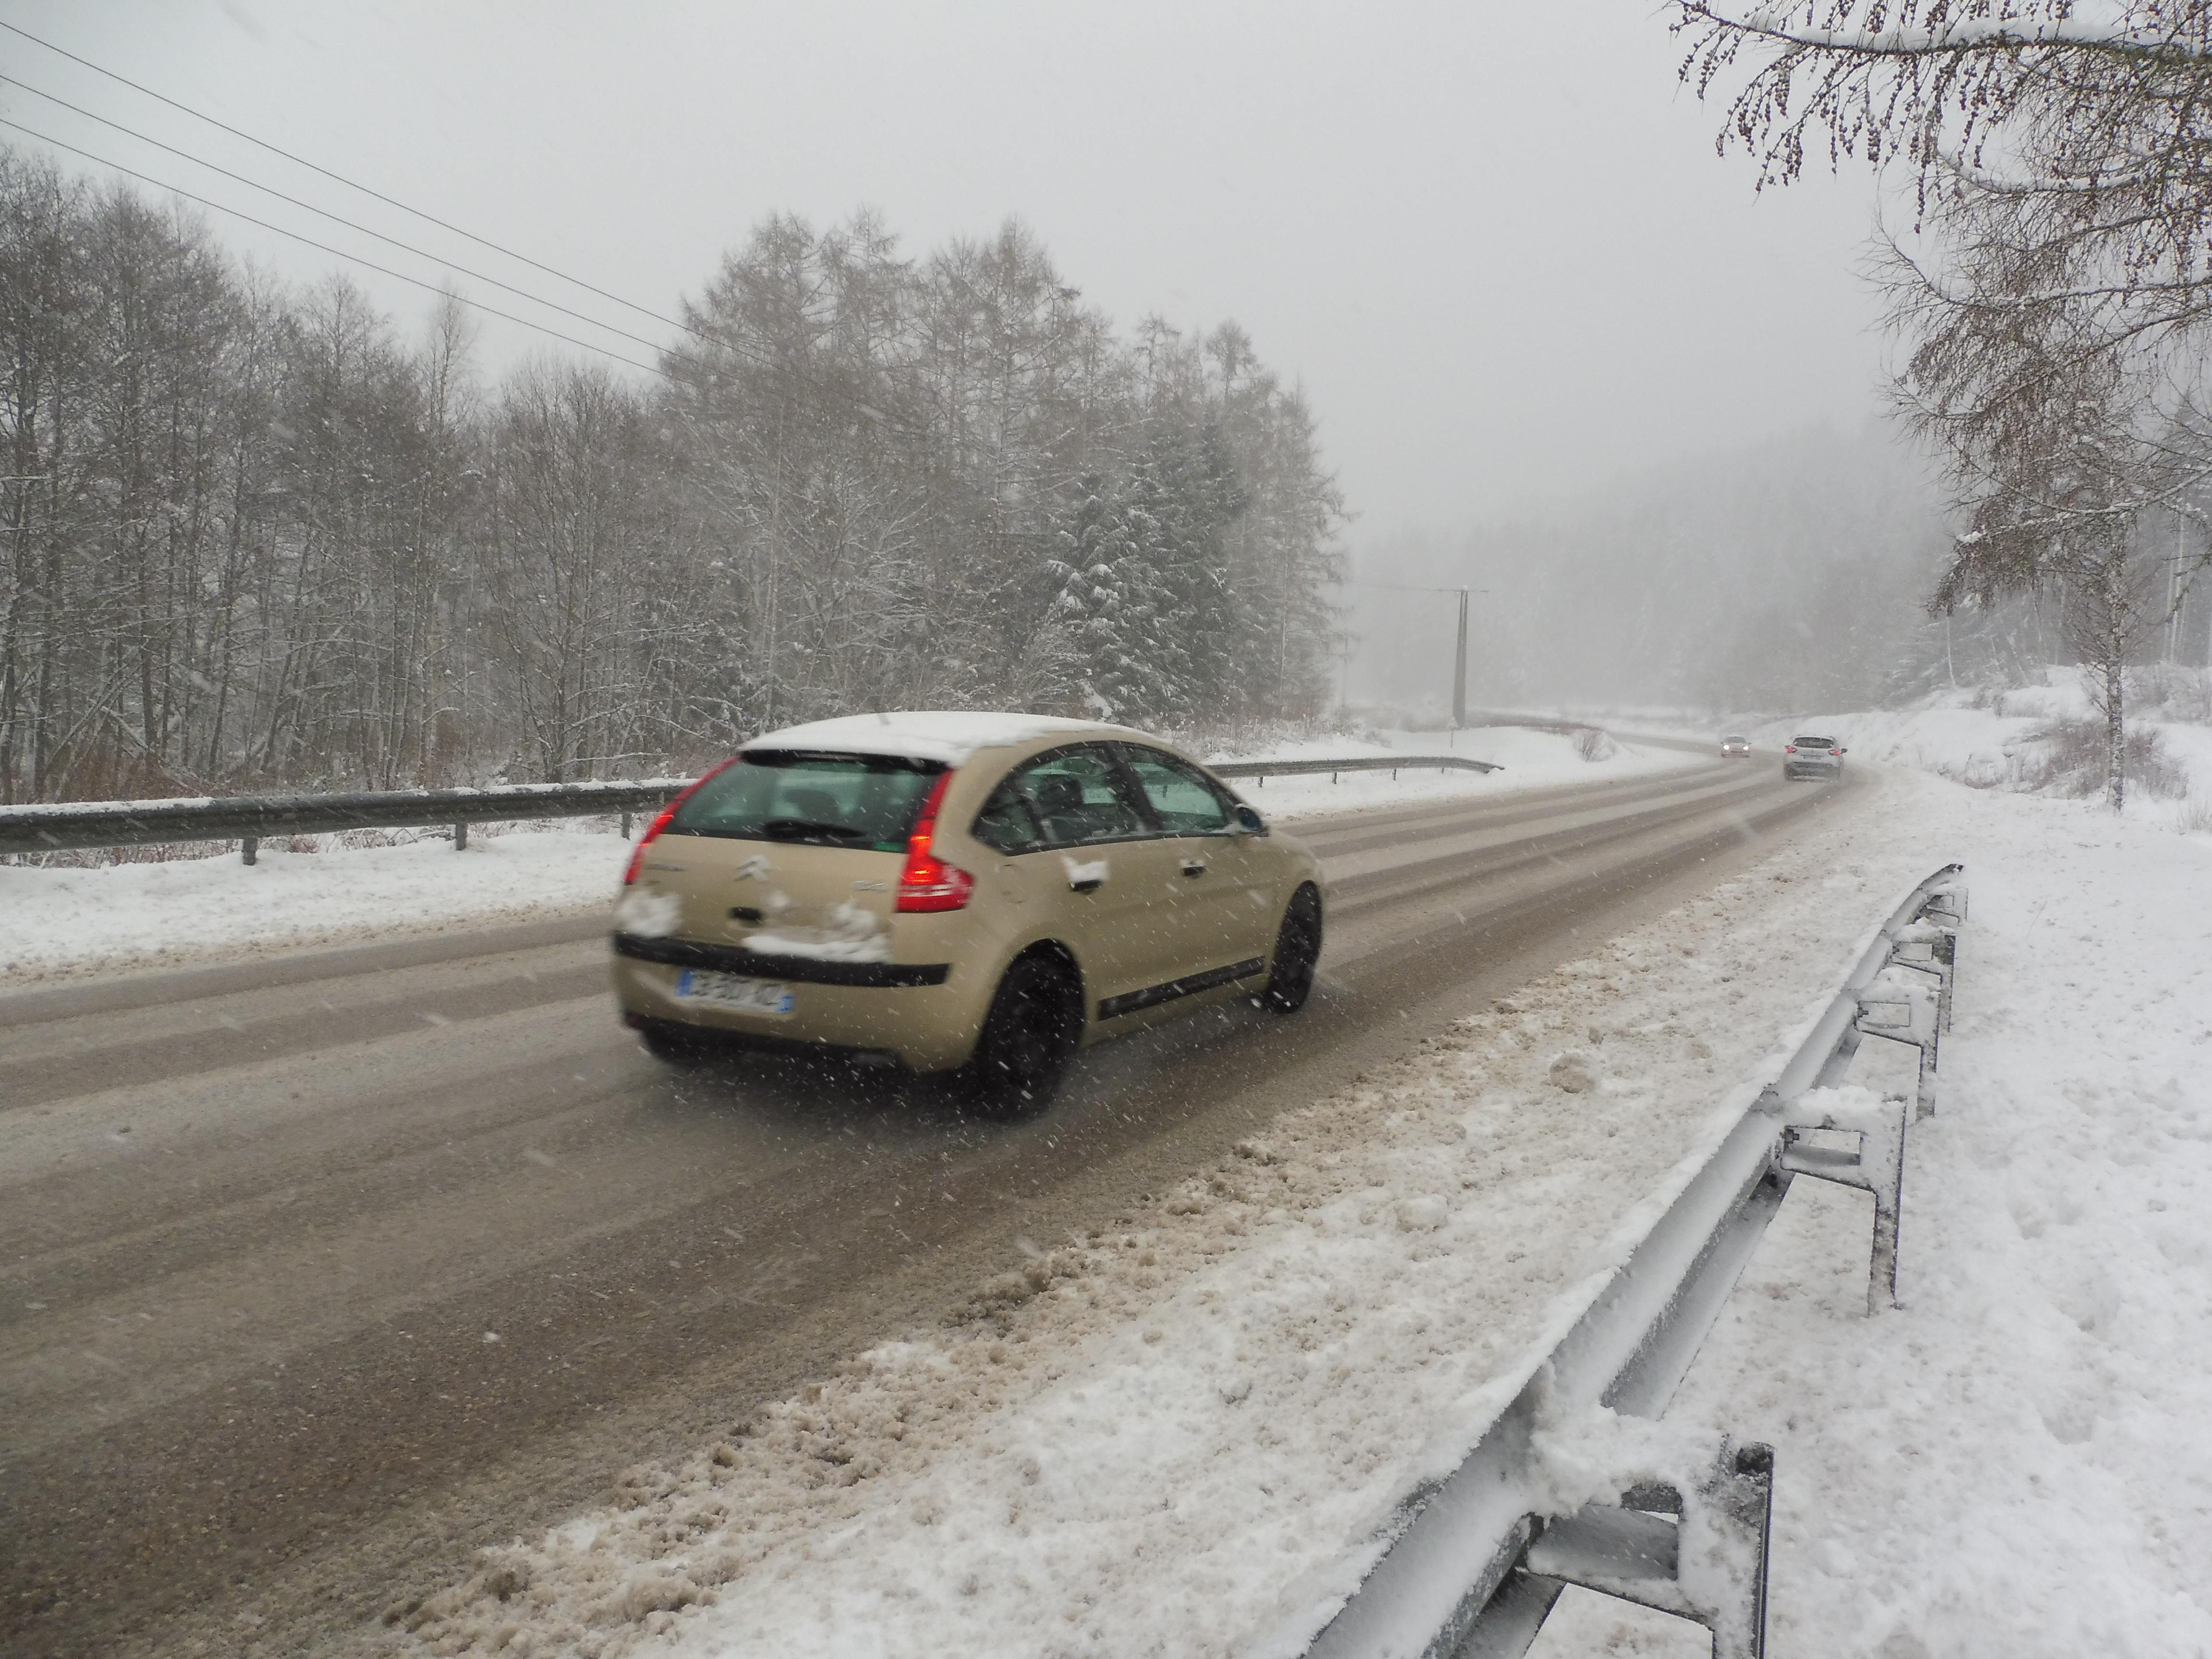 Vosges – Tous les cols sont rouverts à la circulation, encore 100 foyers privés d'électricité